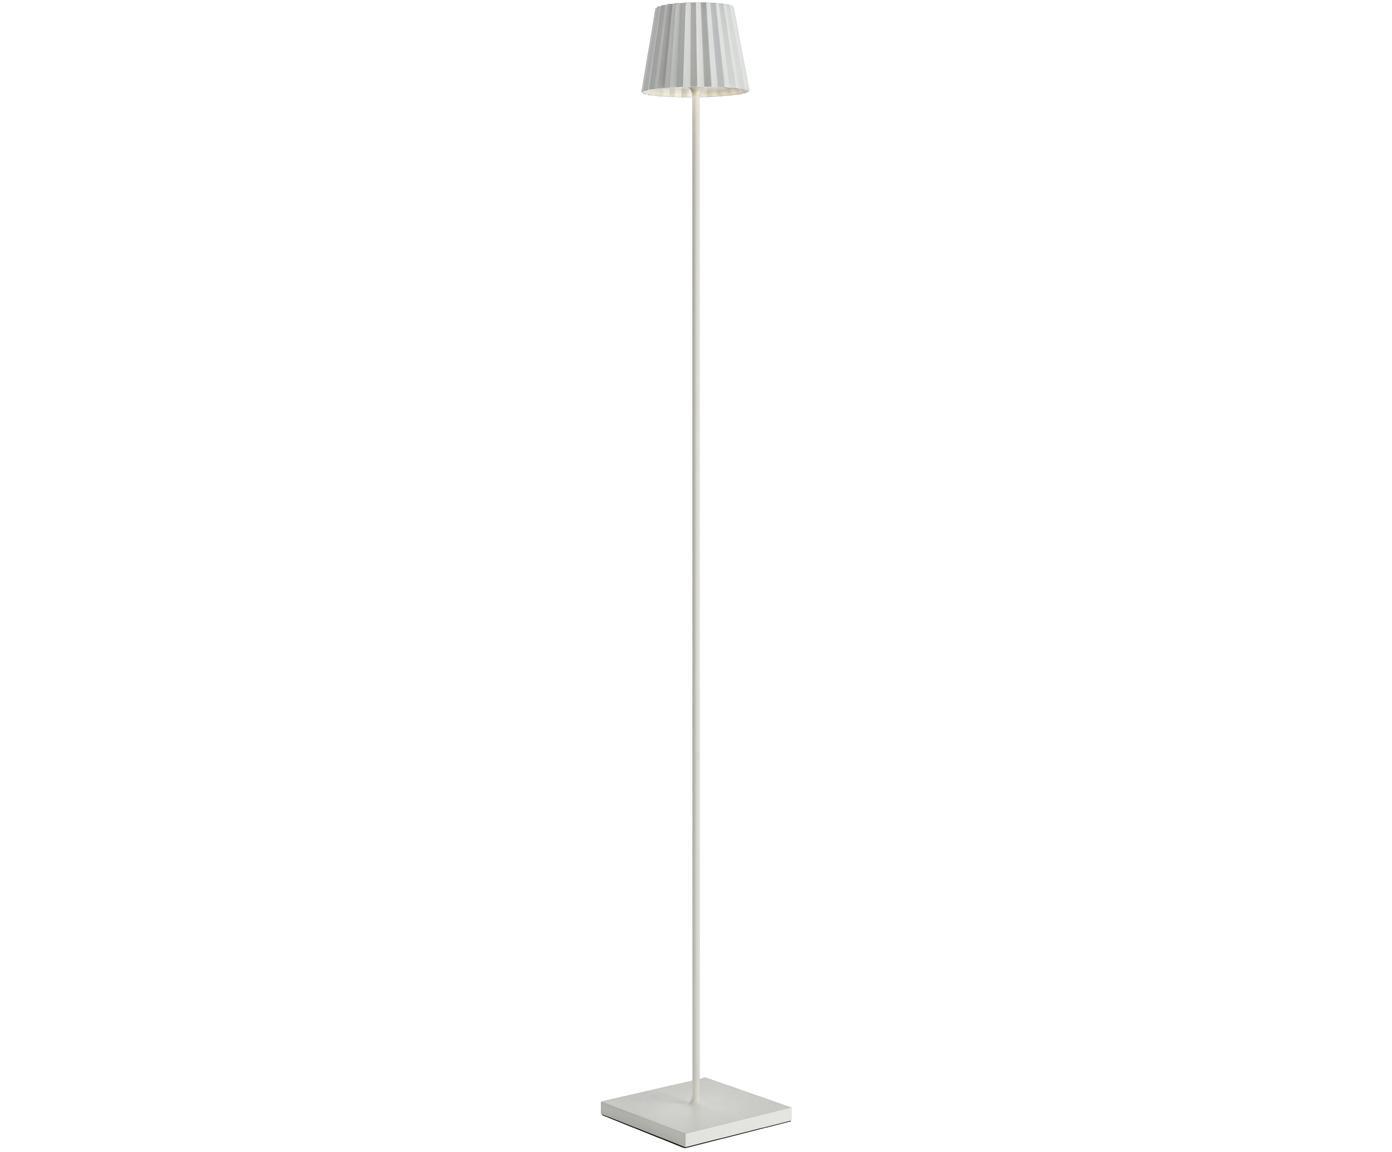 Mobile LED Außenstehleuchte Trellia, Aluminium, lackiert, Weiß, Ø 15 x H 120 cm